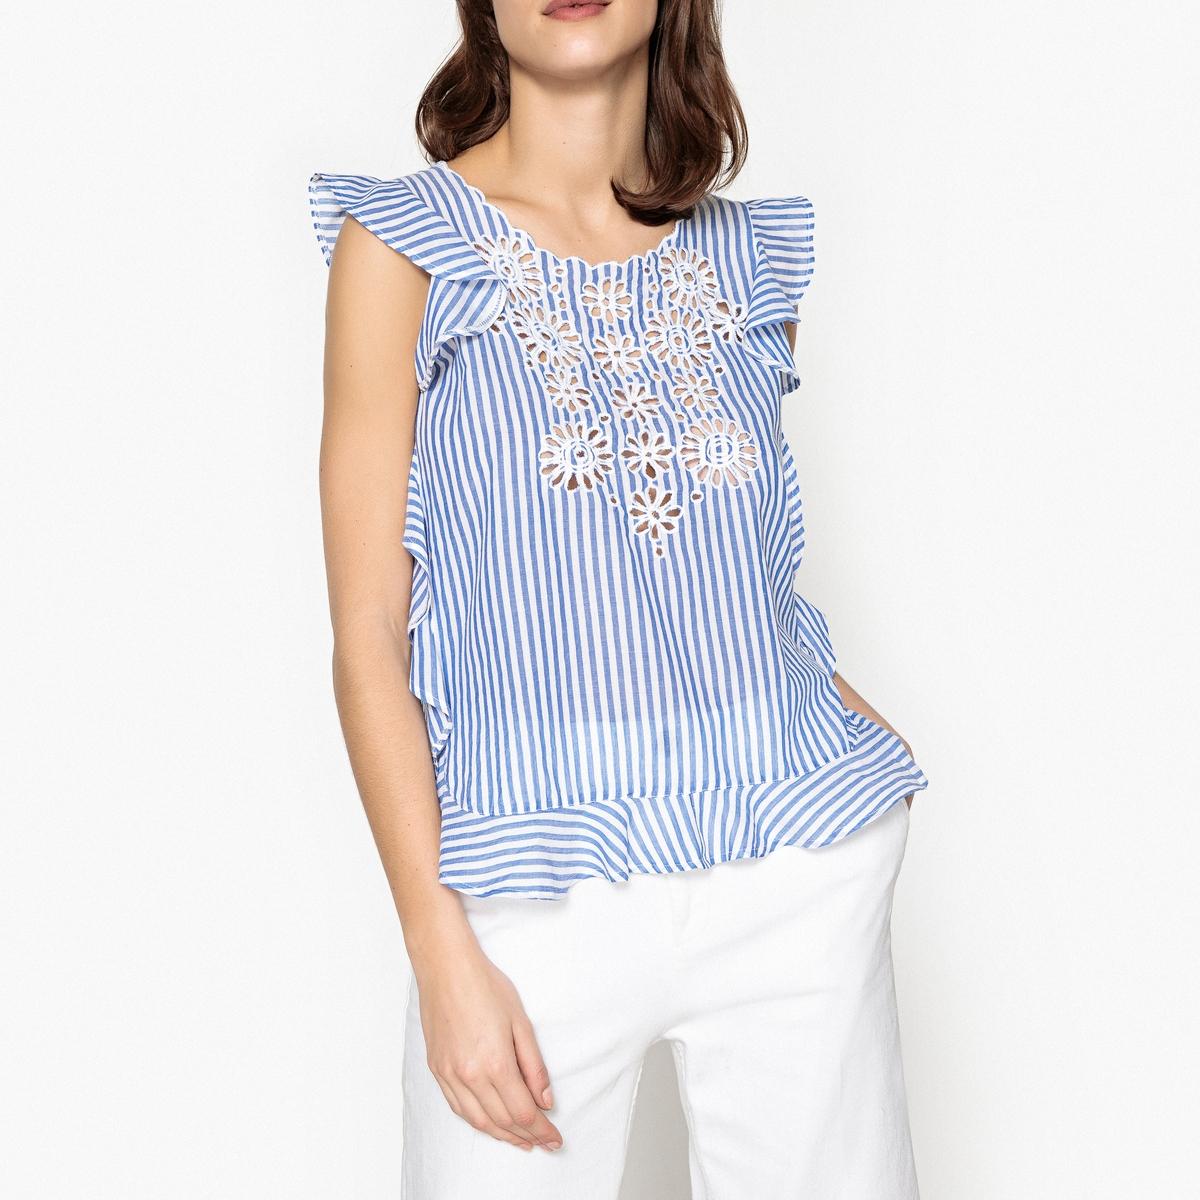 Блузка с воланом без рукавов MARINA batik batik зимний комплект маруся 350 200гр сиреневый